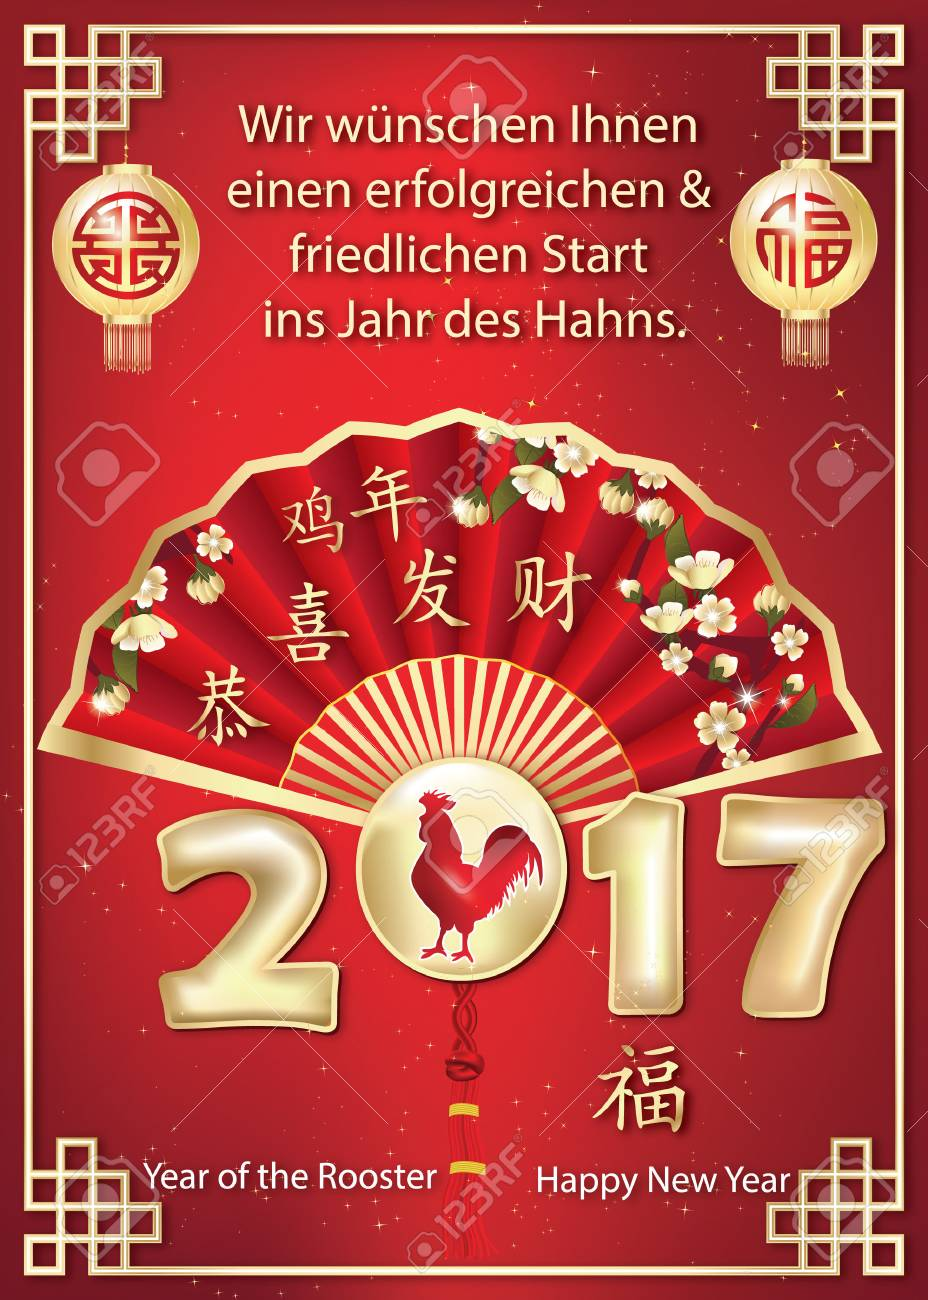 Deutsch-Grußkarte Für Chinesische Neujahr. Wir Wünschen Ihnen Ein ...